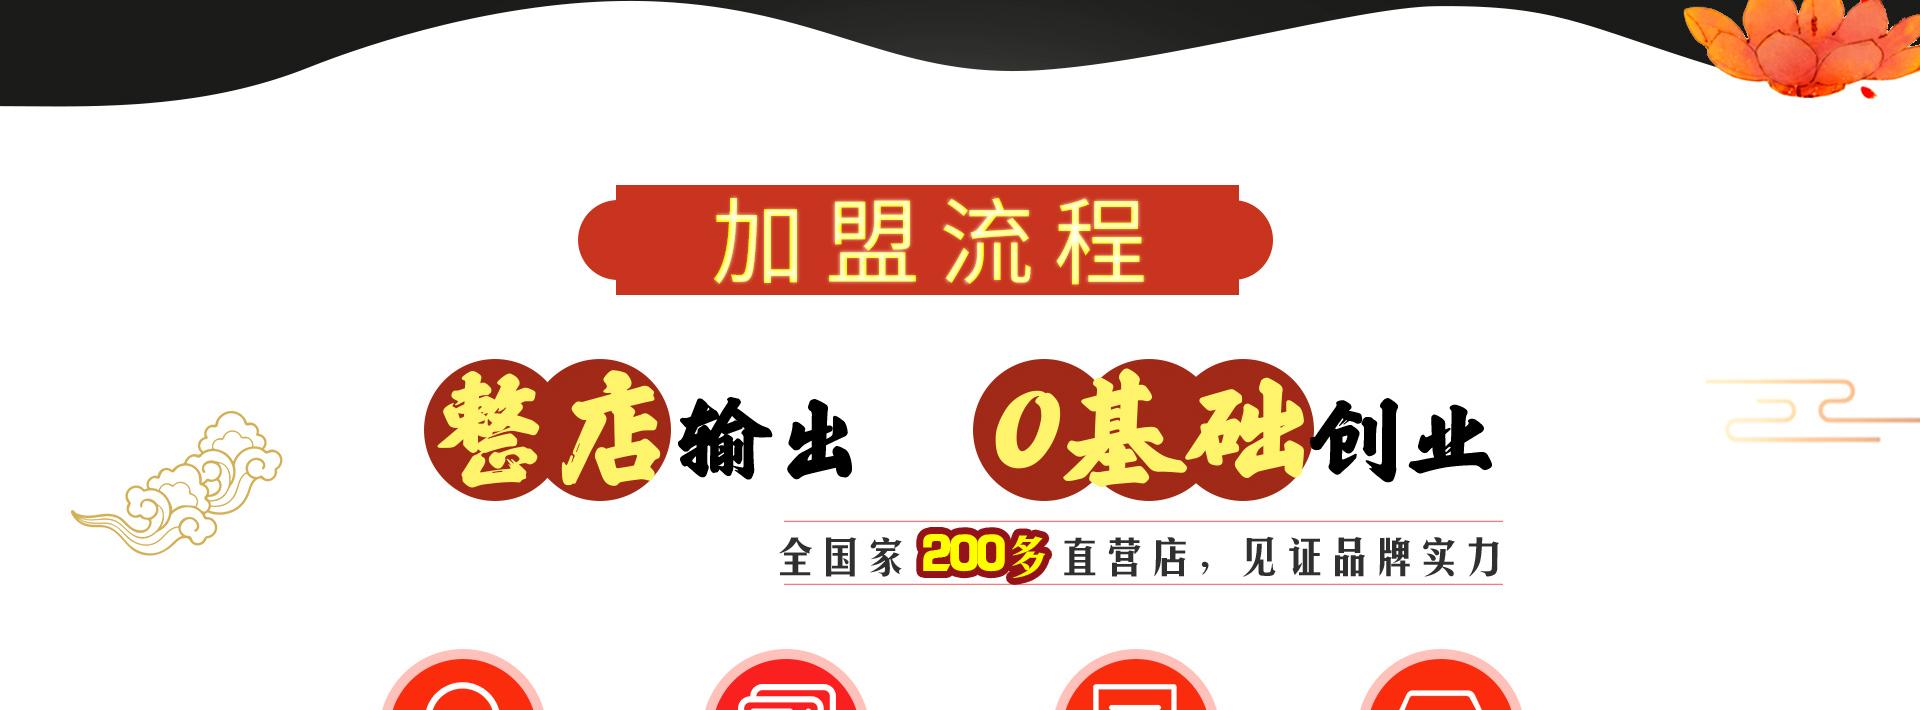 陶炉鸡快餐PC_18